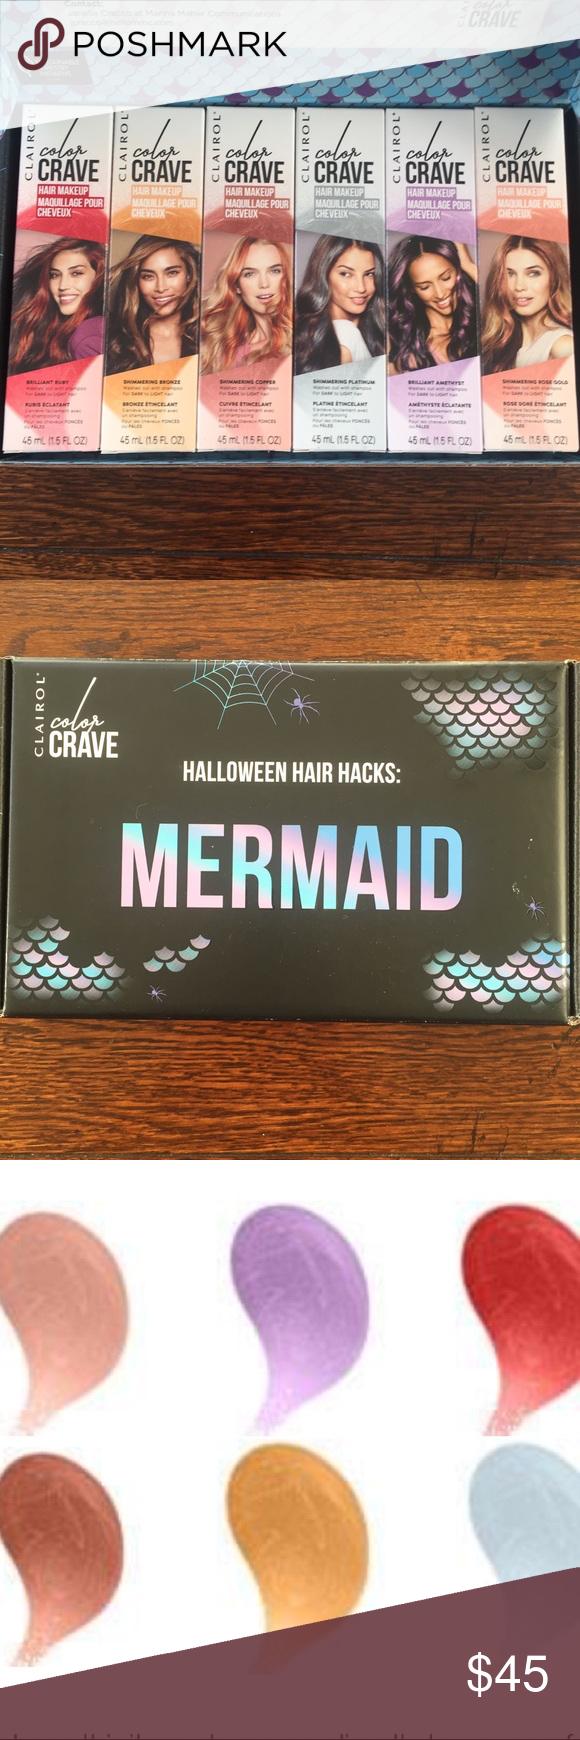 Clairol color crave hair makeup set/6 shades NWT Hair